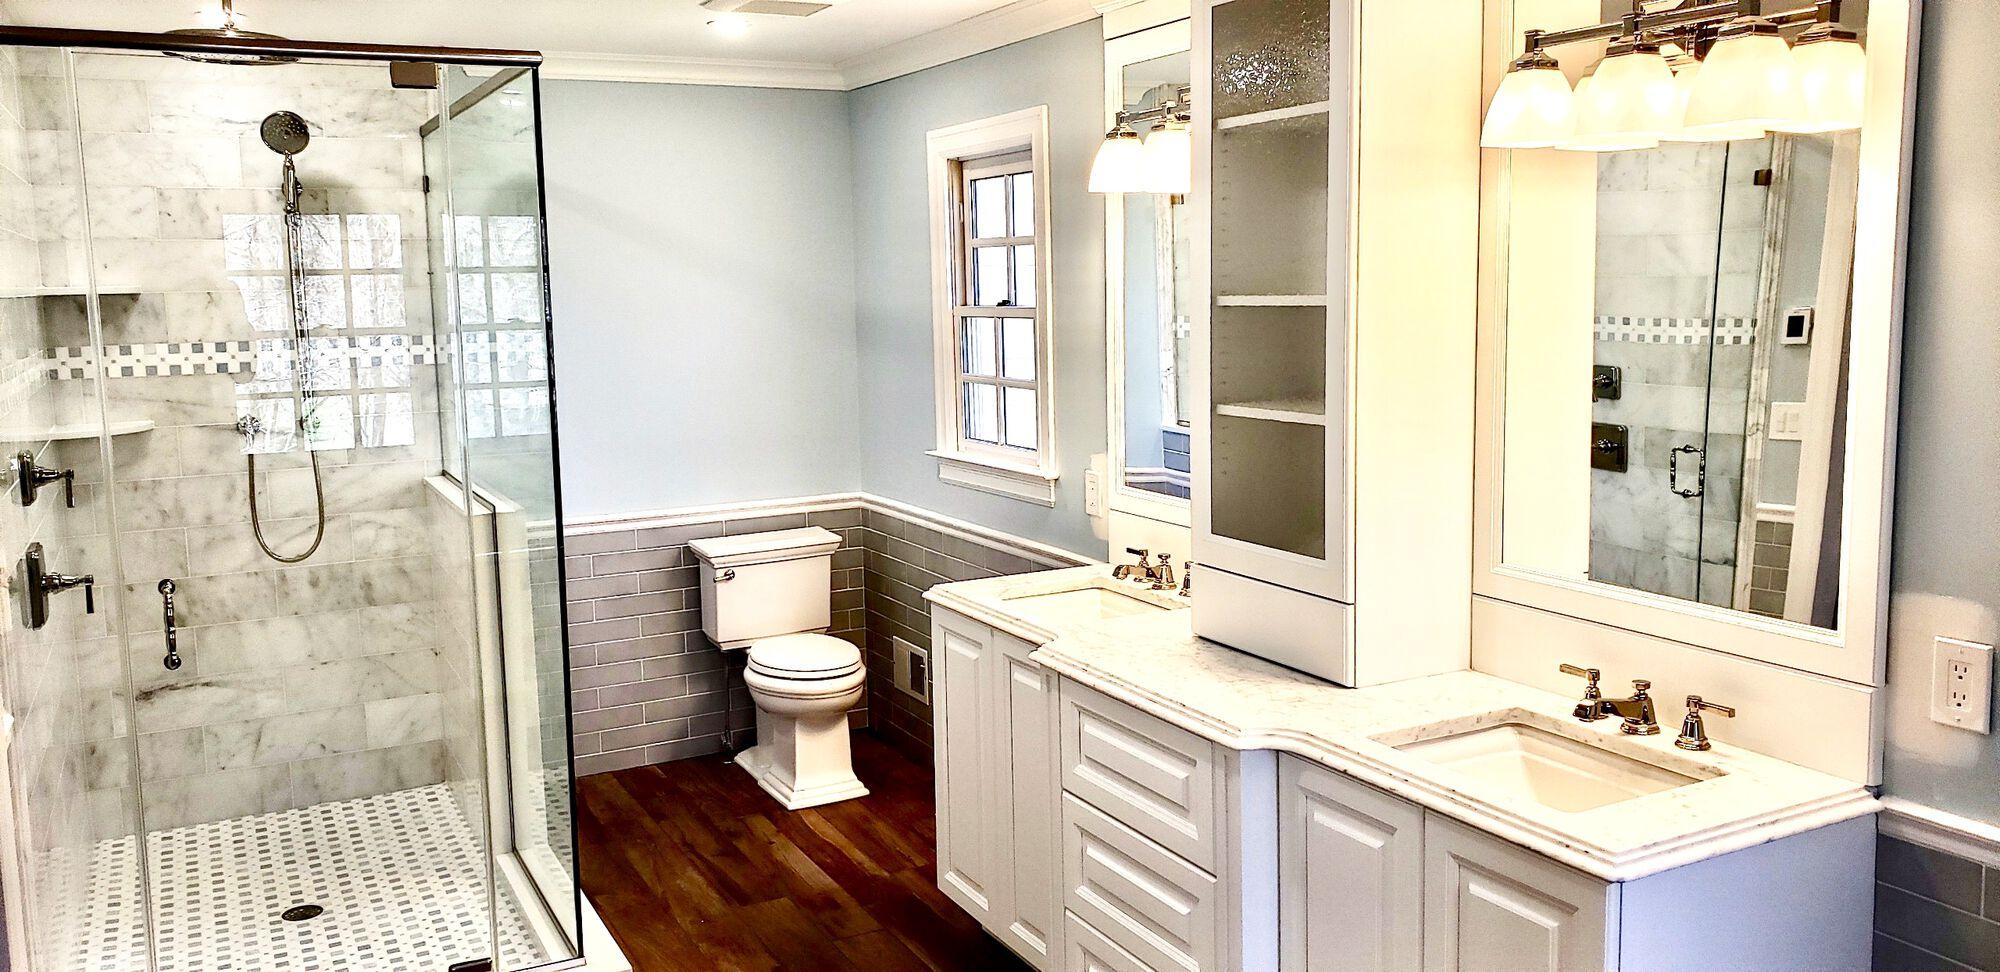 Bathroom Remodeling Contractor Nj, Bathroom Repair Contractor